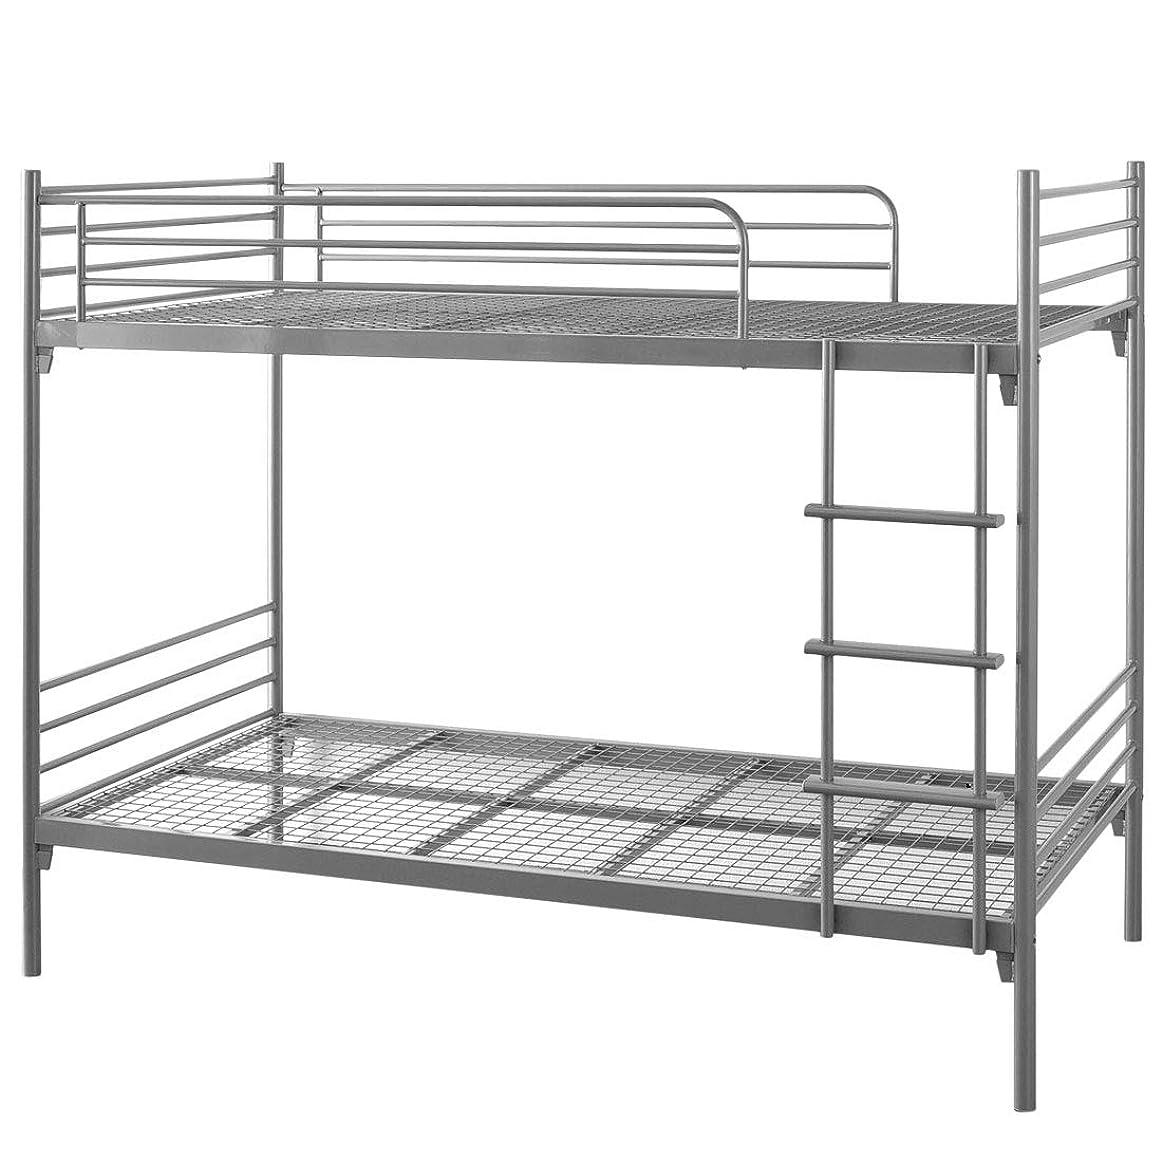 タンスのゲン 二段ベッド スチール パイプ 2段ベッド コンパクト LITH リト シルバーグレー 65190027 SI 【大型商品】